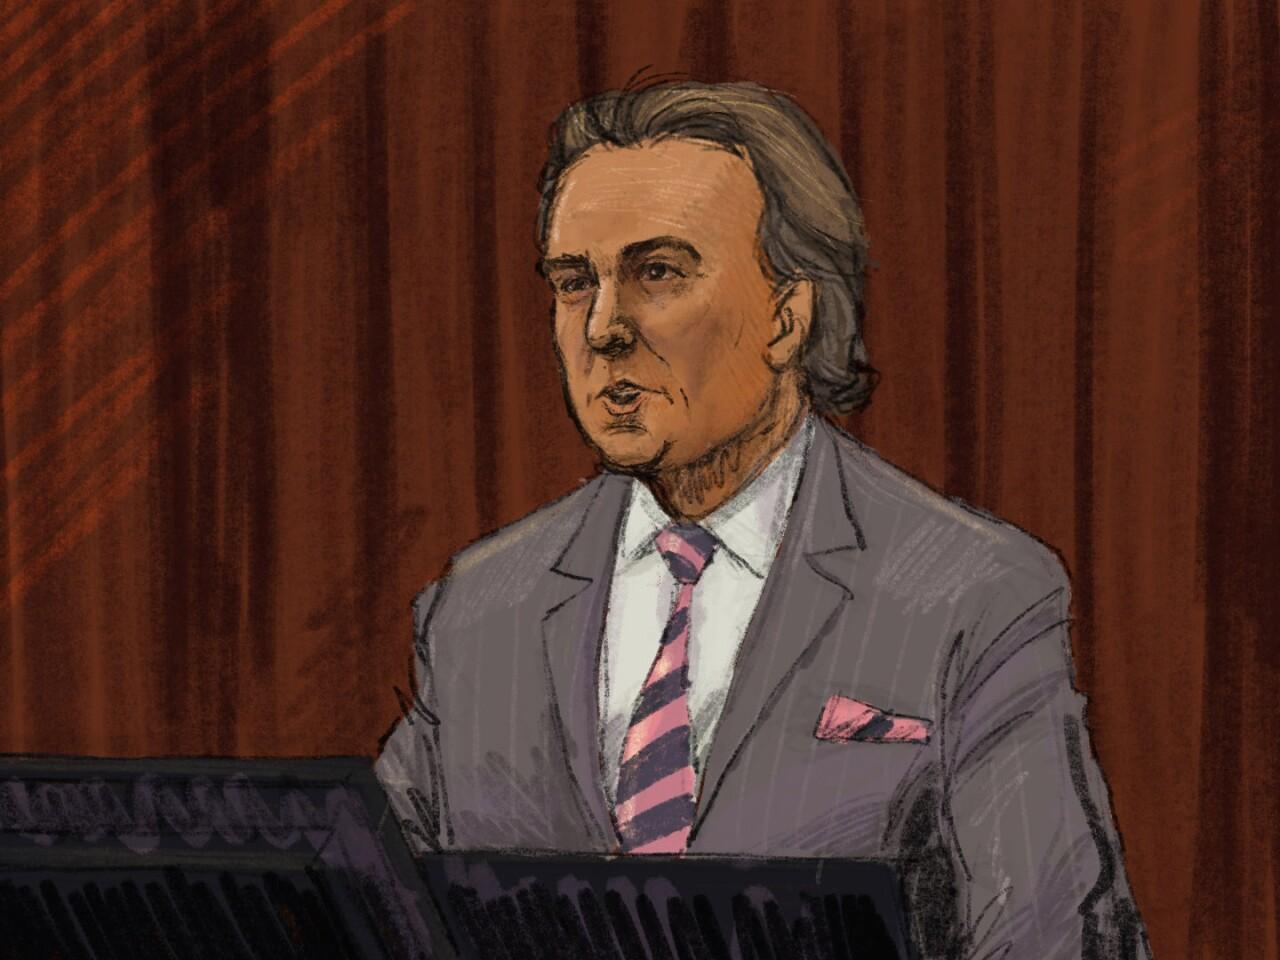 Doug Evans' attorney Ben Dusing